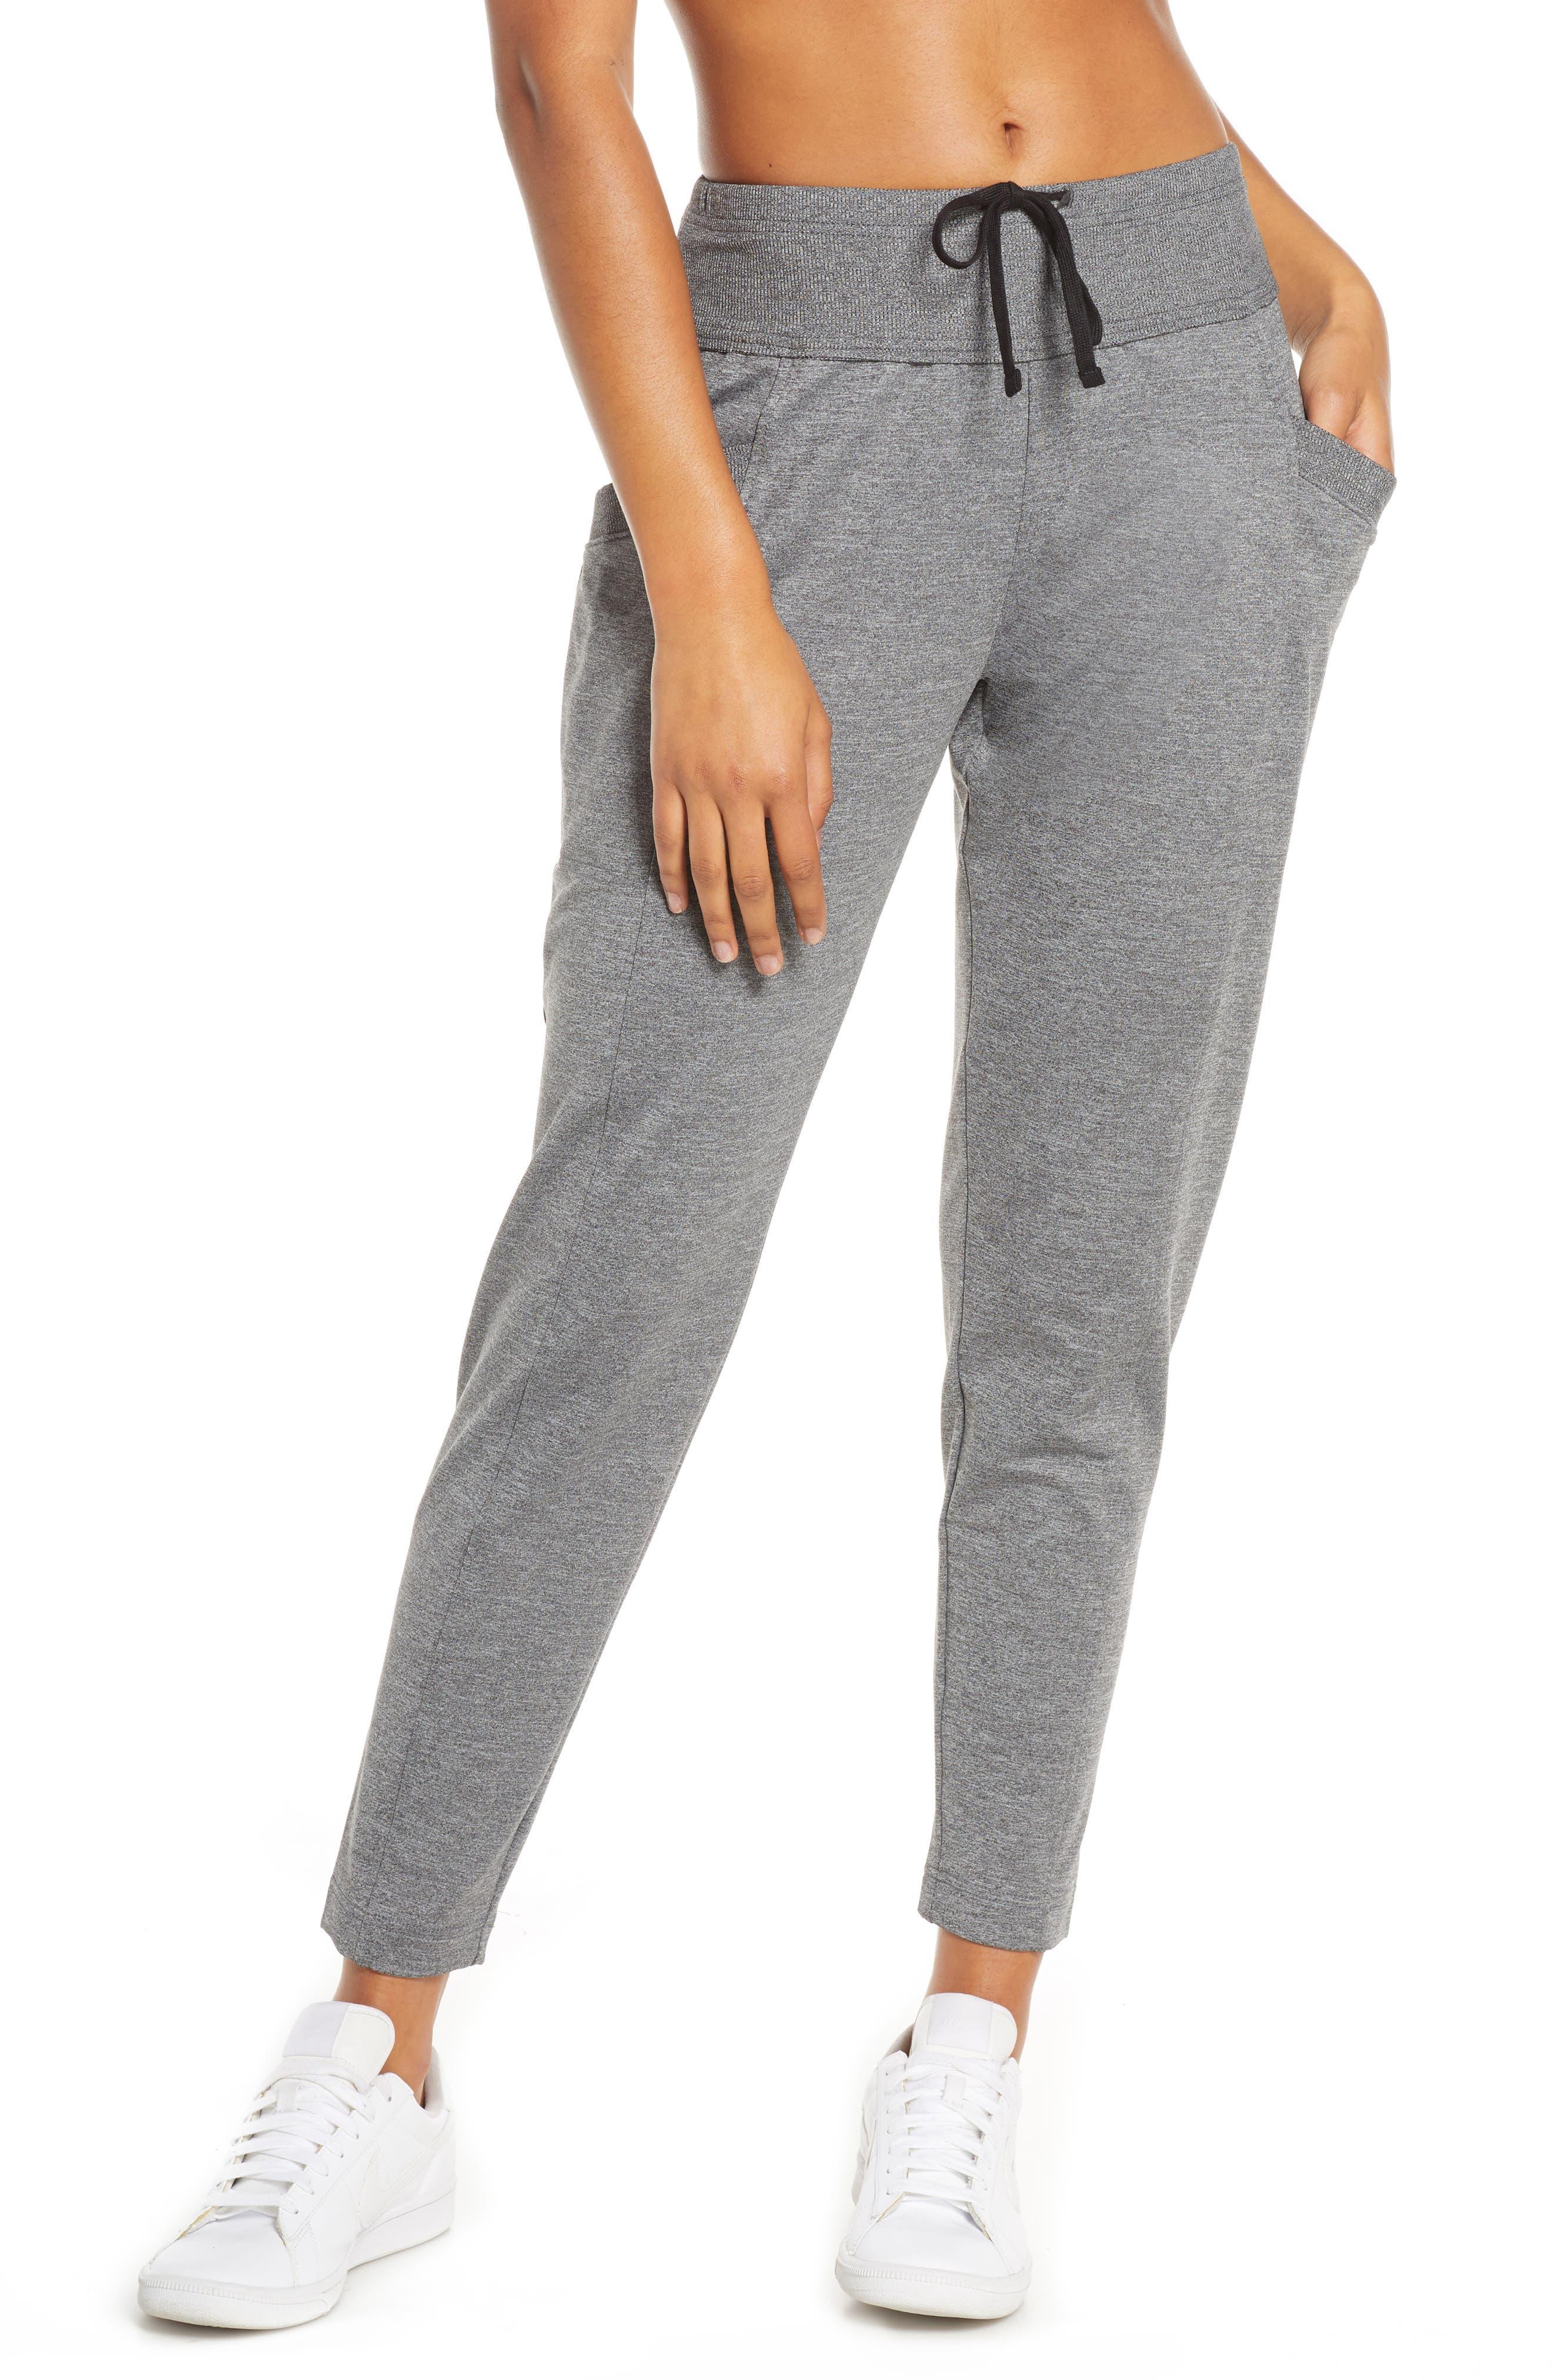 Women's Pants & Leggings   Nordstrom